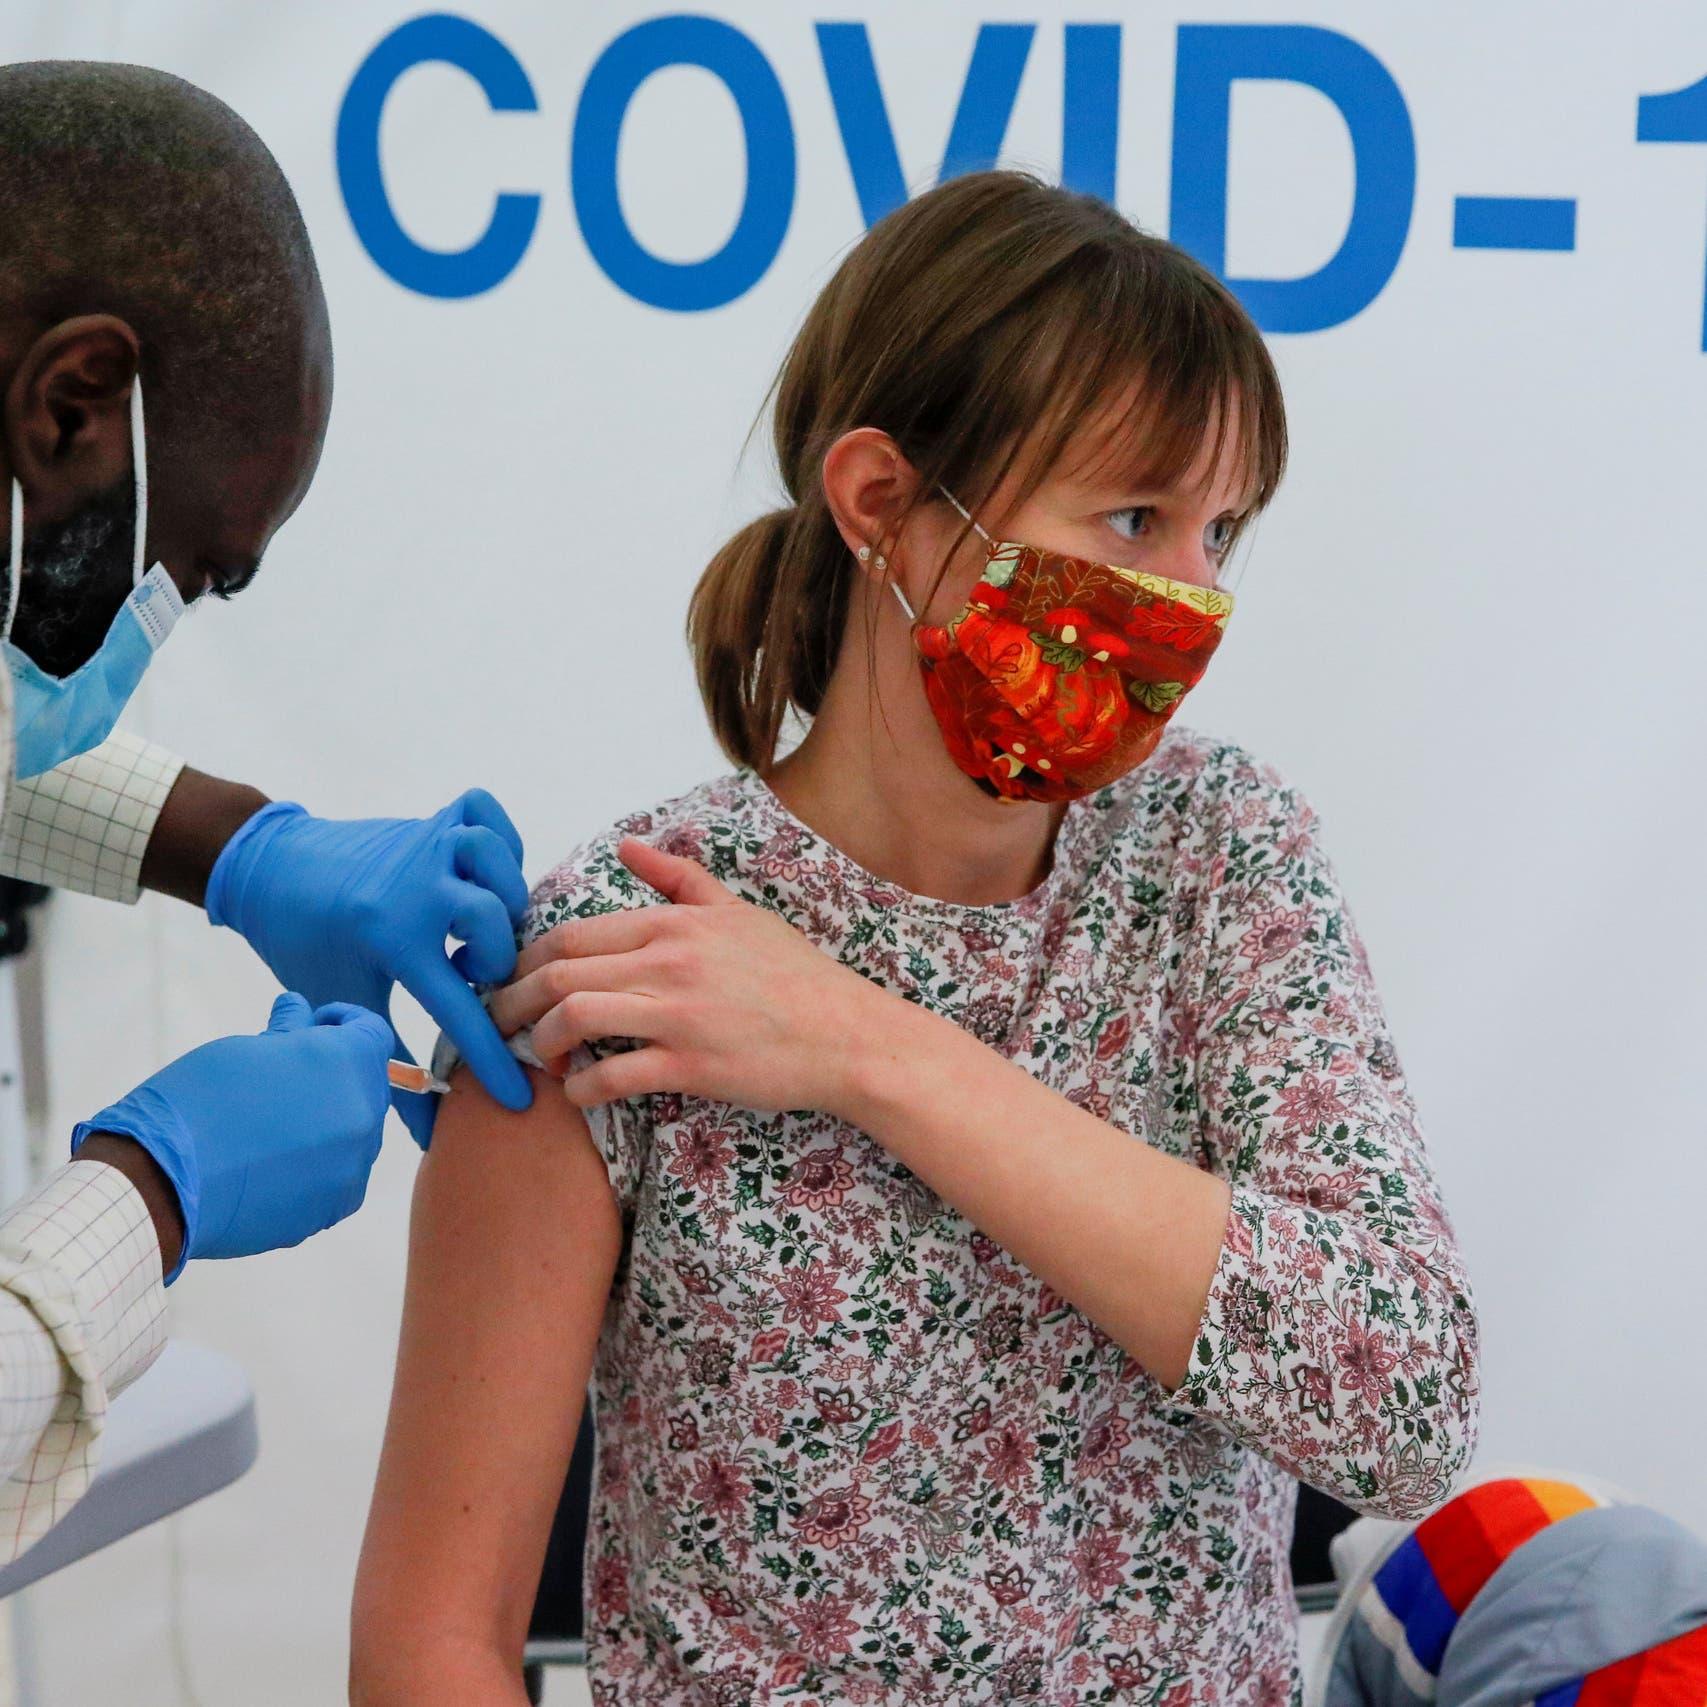 علماء: إصابات كورونا قد ترتفع بعد هدوء الصيف بهذا البلد